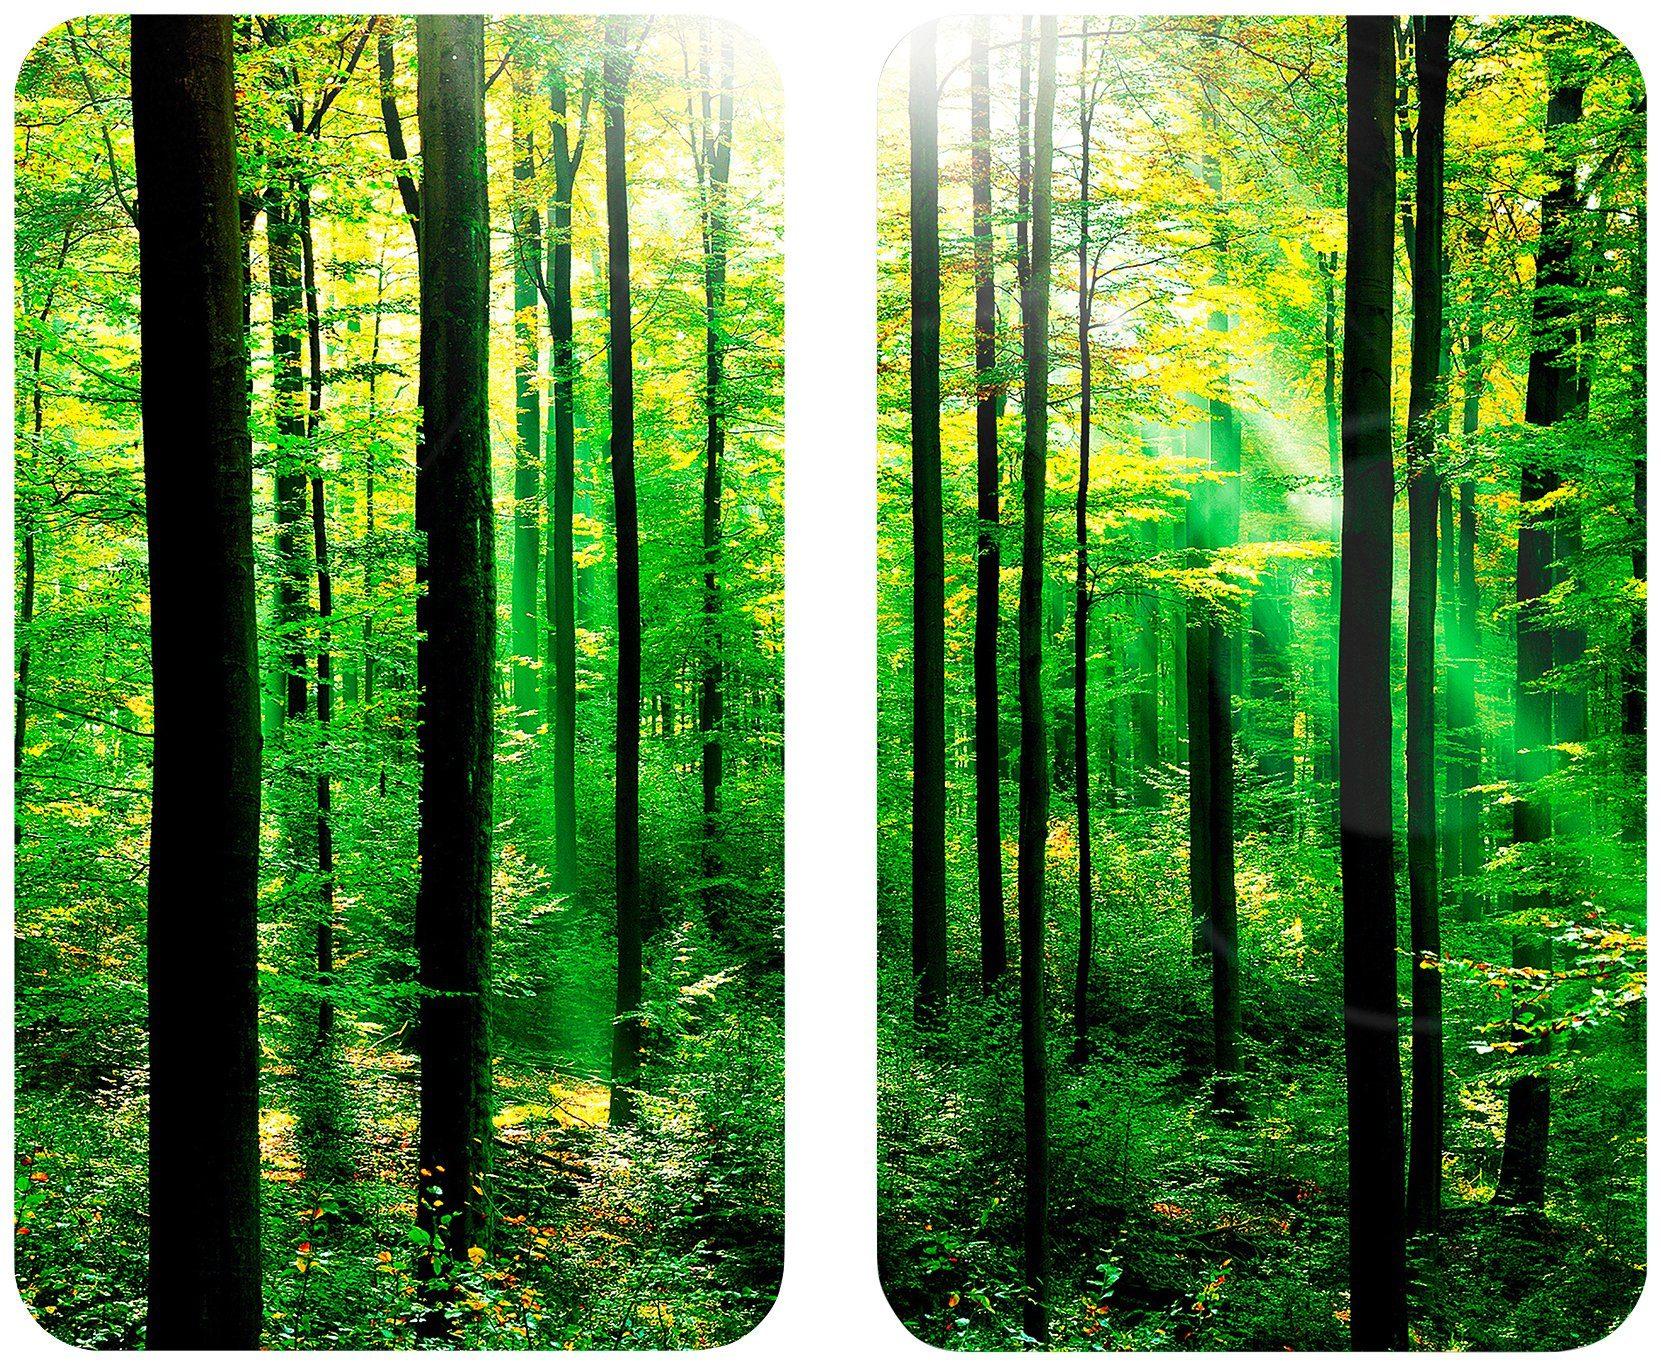 WENKO Herdabdeckplatte »Universal Wald« 2er Set, für alle Herdarten